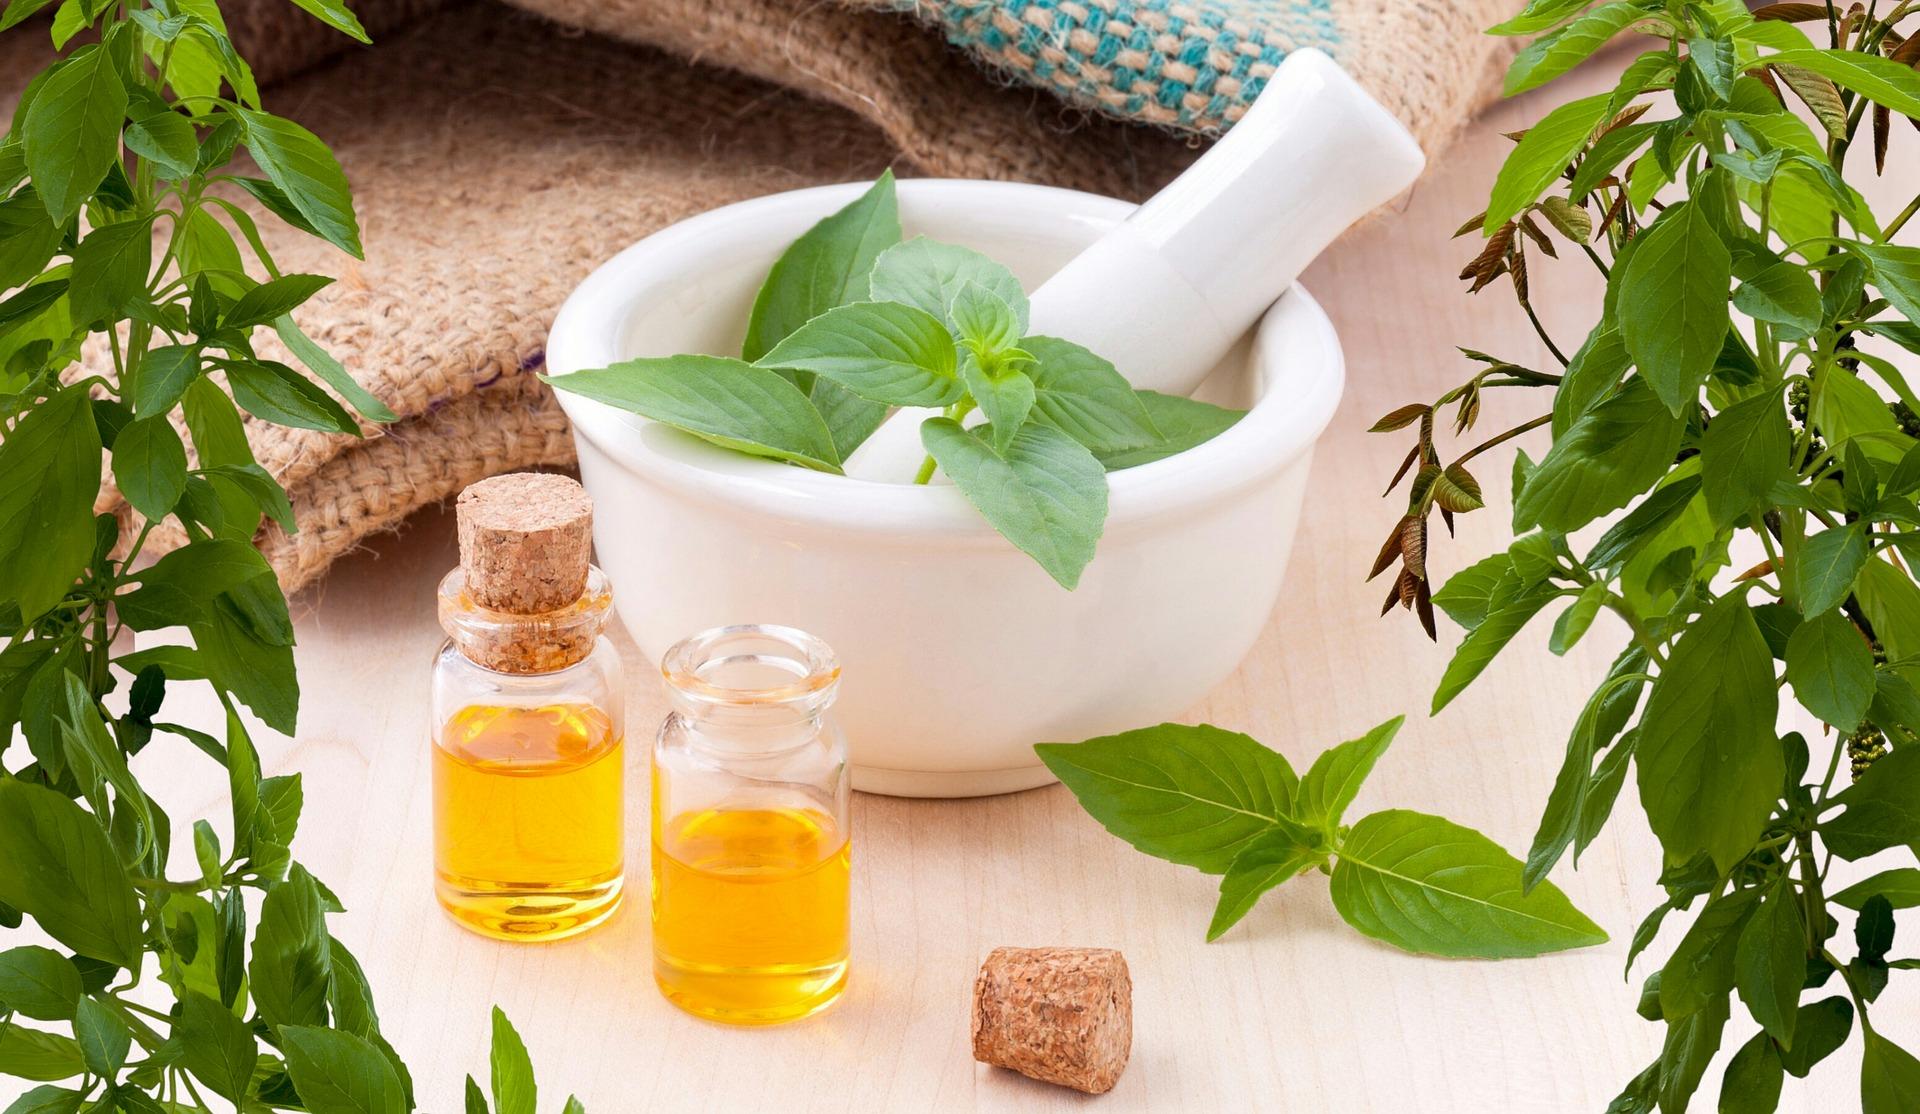 természetes gyógynövények a fogyás növelése érdekében hidegben alvás lefogy